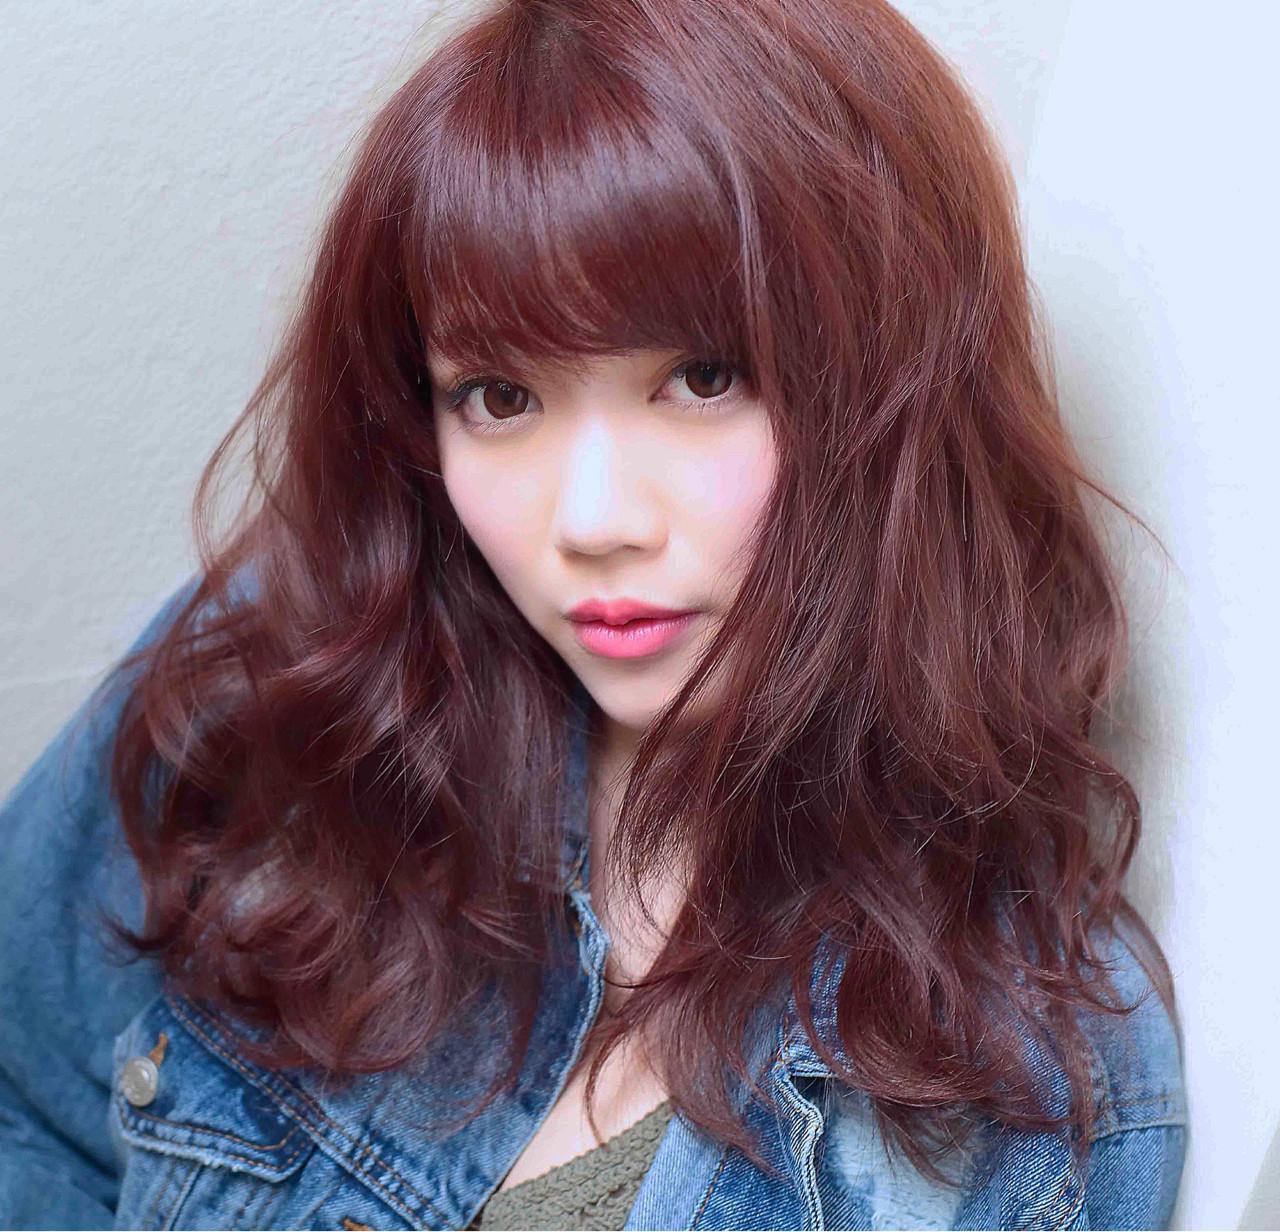 2020年人気の髪色は?おすすめヘアカラーでトレンドガールに♡の25枚目の画像